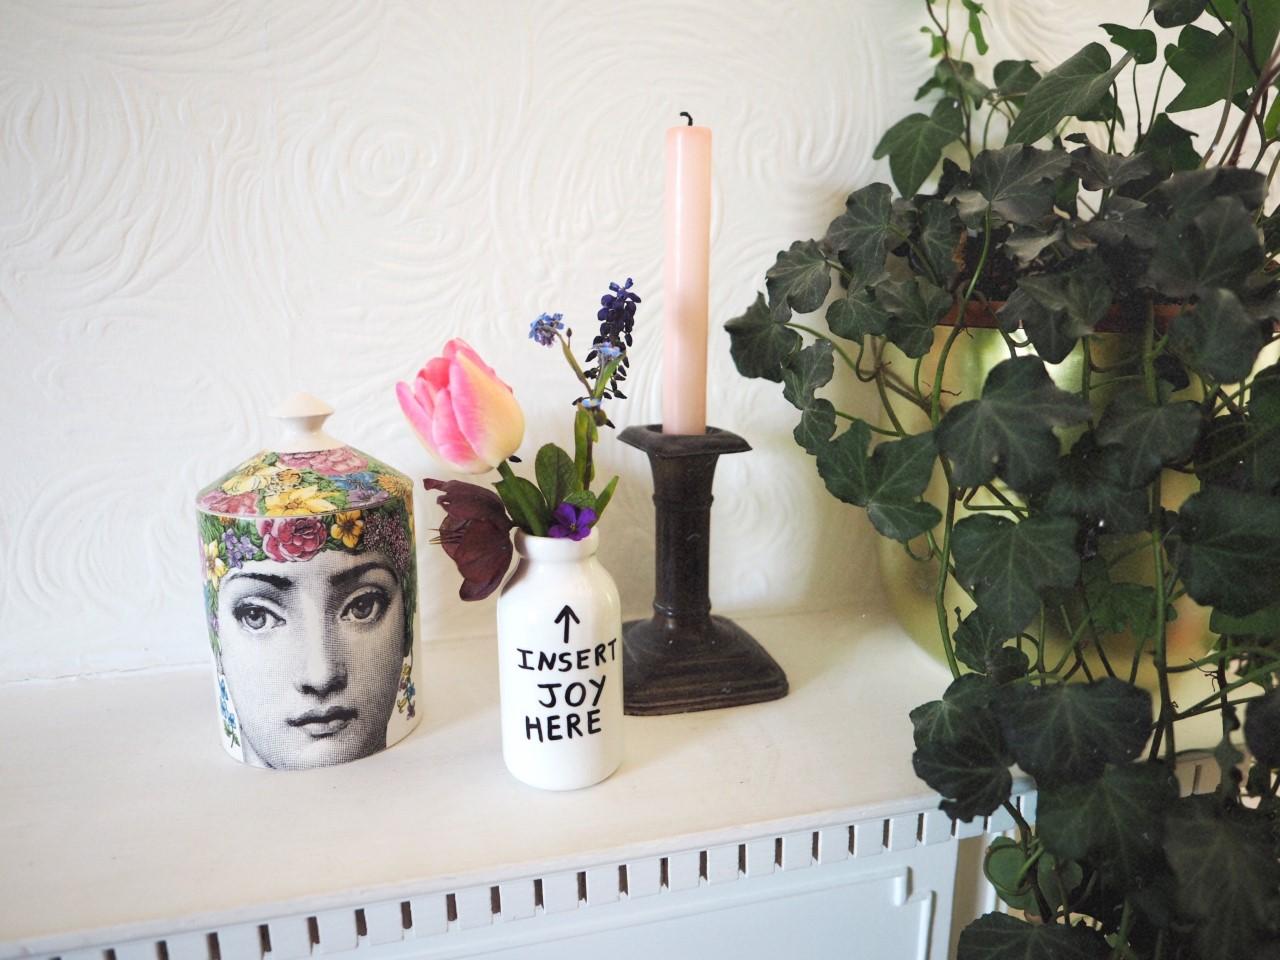 Insert Joy Here Vase